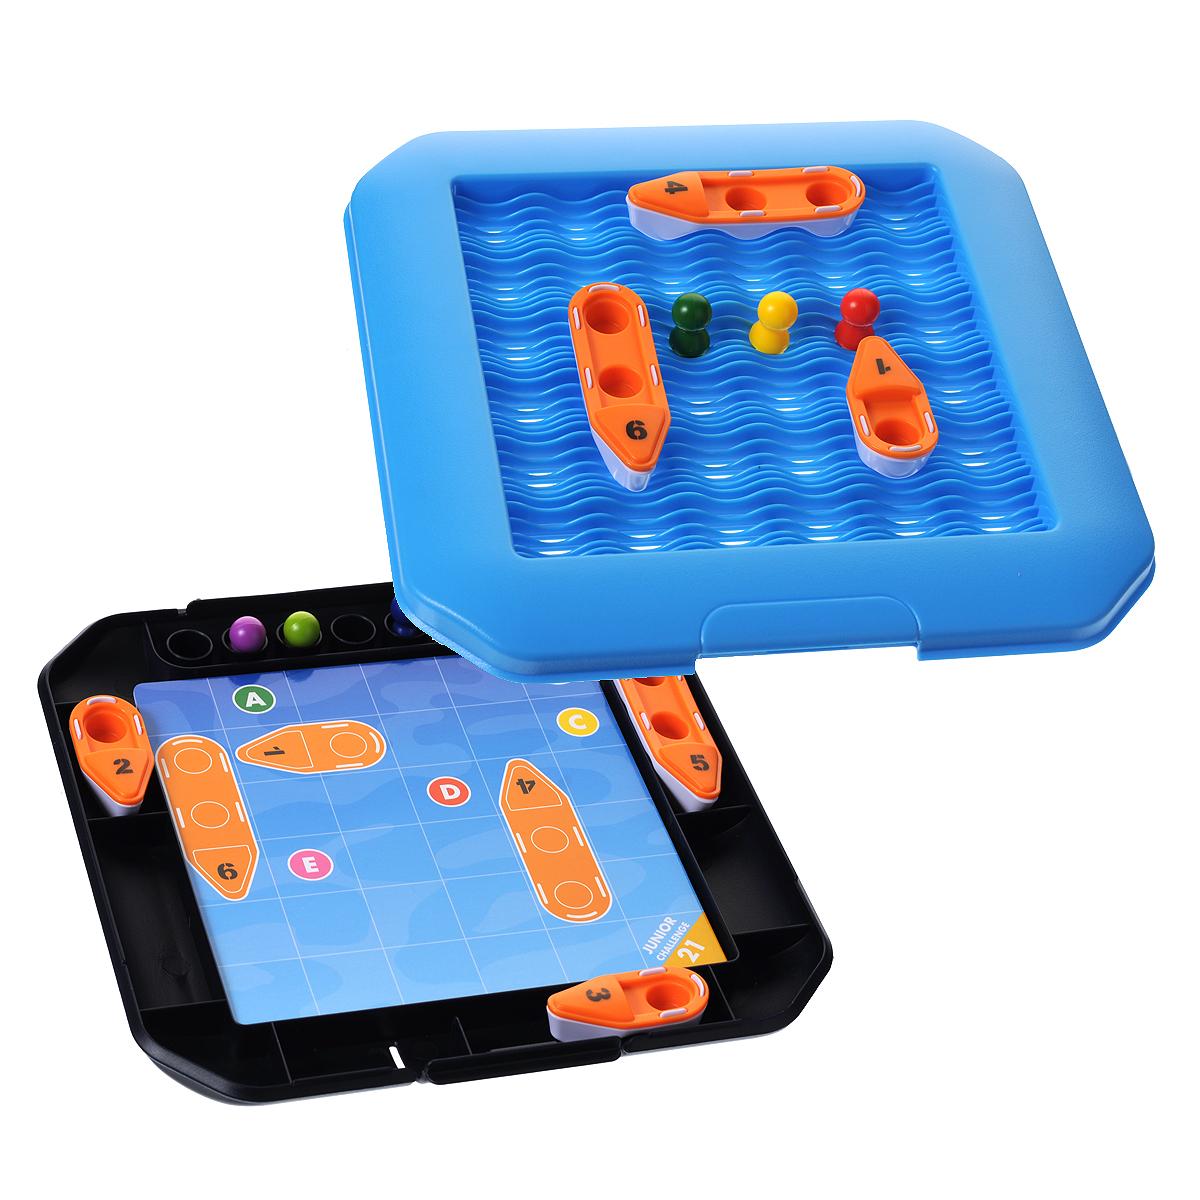 Логическая игра Bondibon Smartgames СпасателиВВ1080Логическая игра Bondibon Smartgames Спасатели - очень непростая логическая игра с множеством вариантов решения задачи. Игра предусматривает 48 заданий четырех уровней сложности. На игровом поле волнуется море; пассажиры судна из последних сил держатся на волнах. Спасательные шлюпки готовы к работе, но: передвигаться шлюпки должны по строго определенным правилам, чтобы не столкнуться друг с другом, не задеть кто-то из пострадавших и спасти из воды всех без исключения мерзнущих в ледяной воде пострадавших. В набор входят: игровое поле из двух частей, 48 карточек с заданиями, 6 спасательных шлюпок (3 одноместные, 3 двухместные), 7 фигурок пассажиров и буклет с правилами игры на русском языке. Элементы игры удобно хранить внутри игрового поля. Таким образом, игру удобно брать с собой в дорогу, в гости или на прогулку.